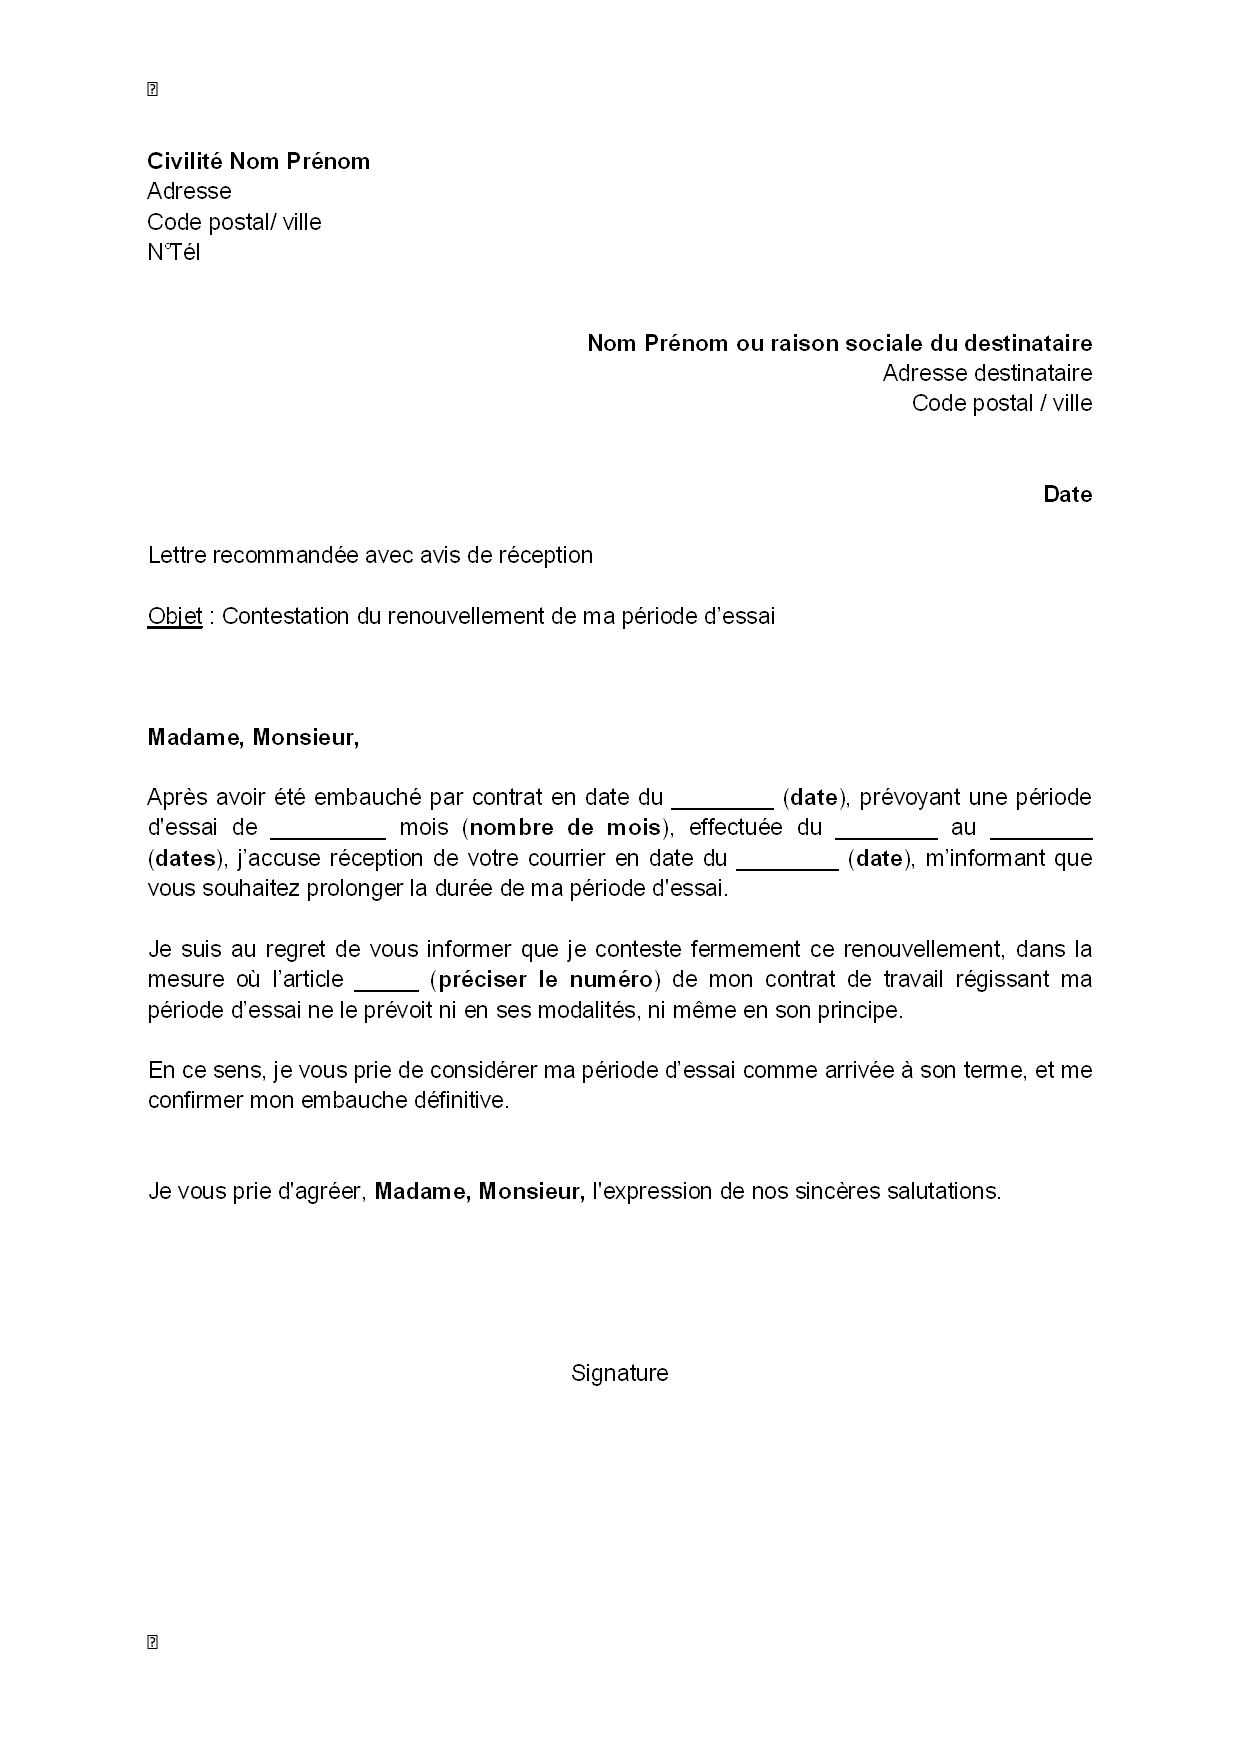 lettre de contestation  par le salari u00e9  du renouvellement